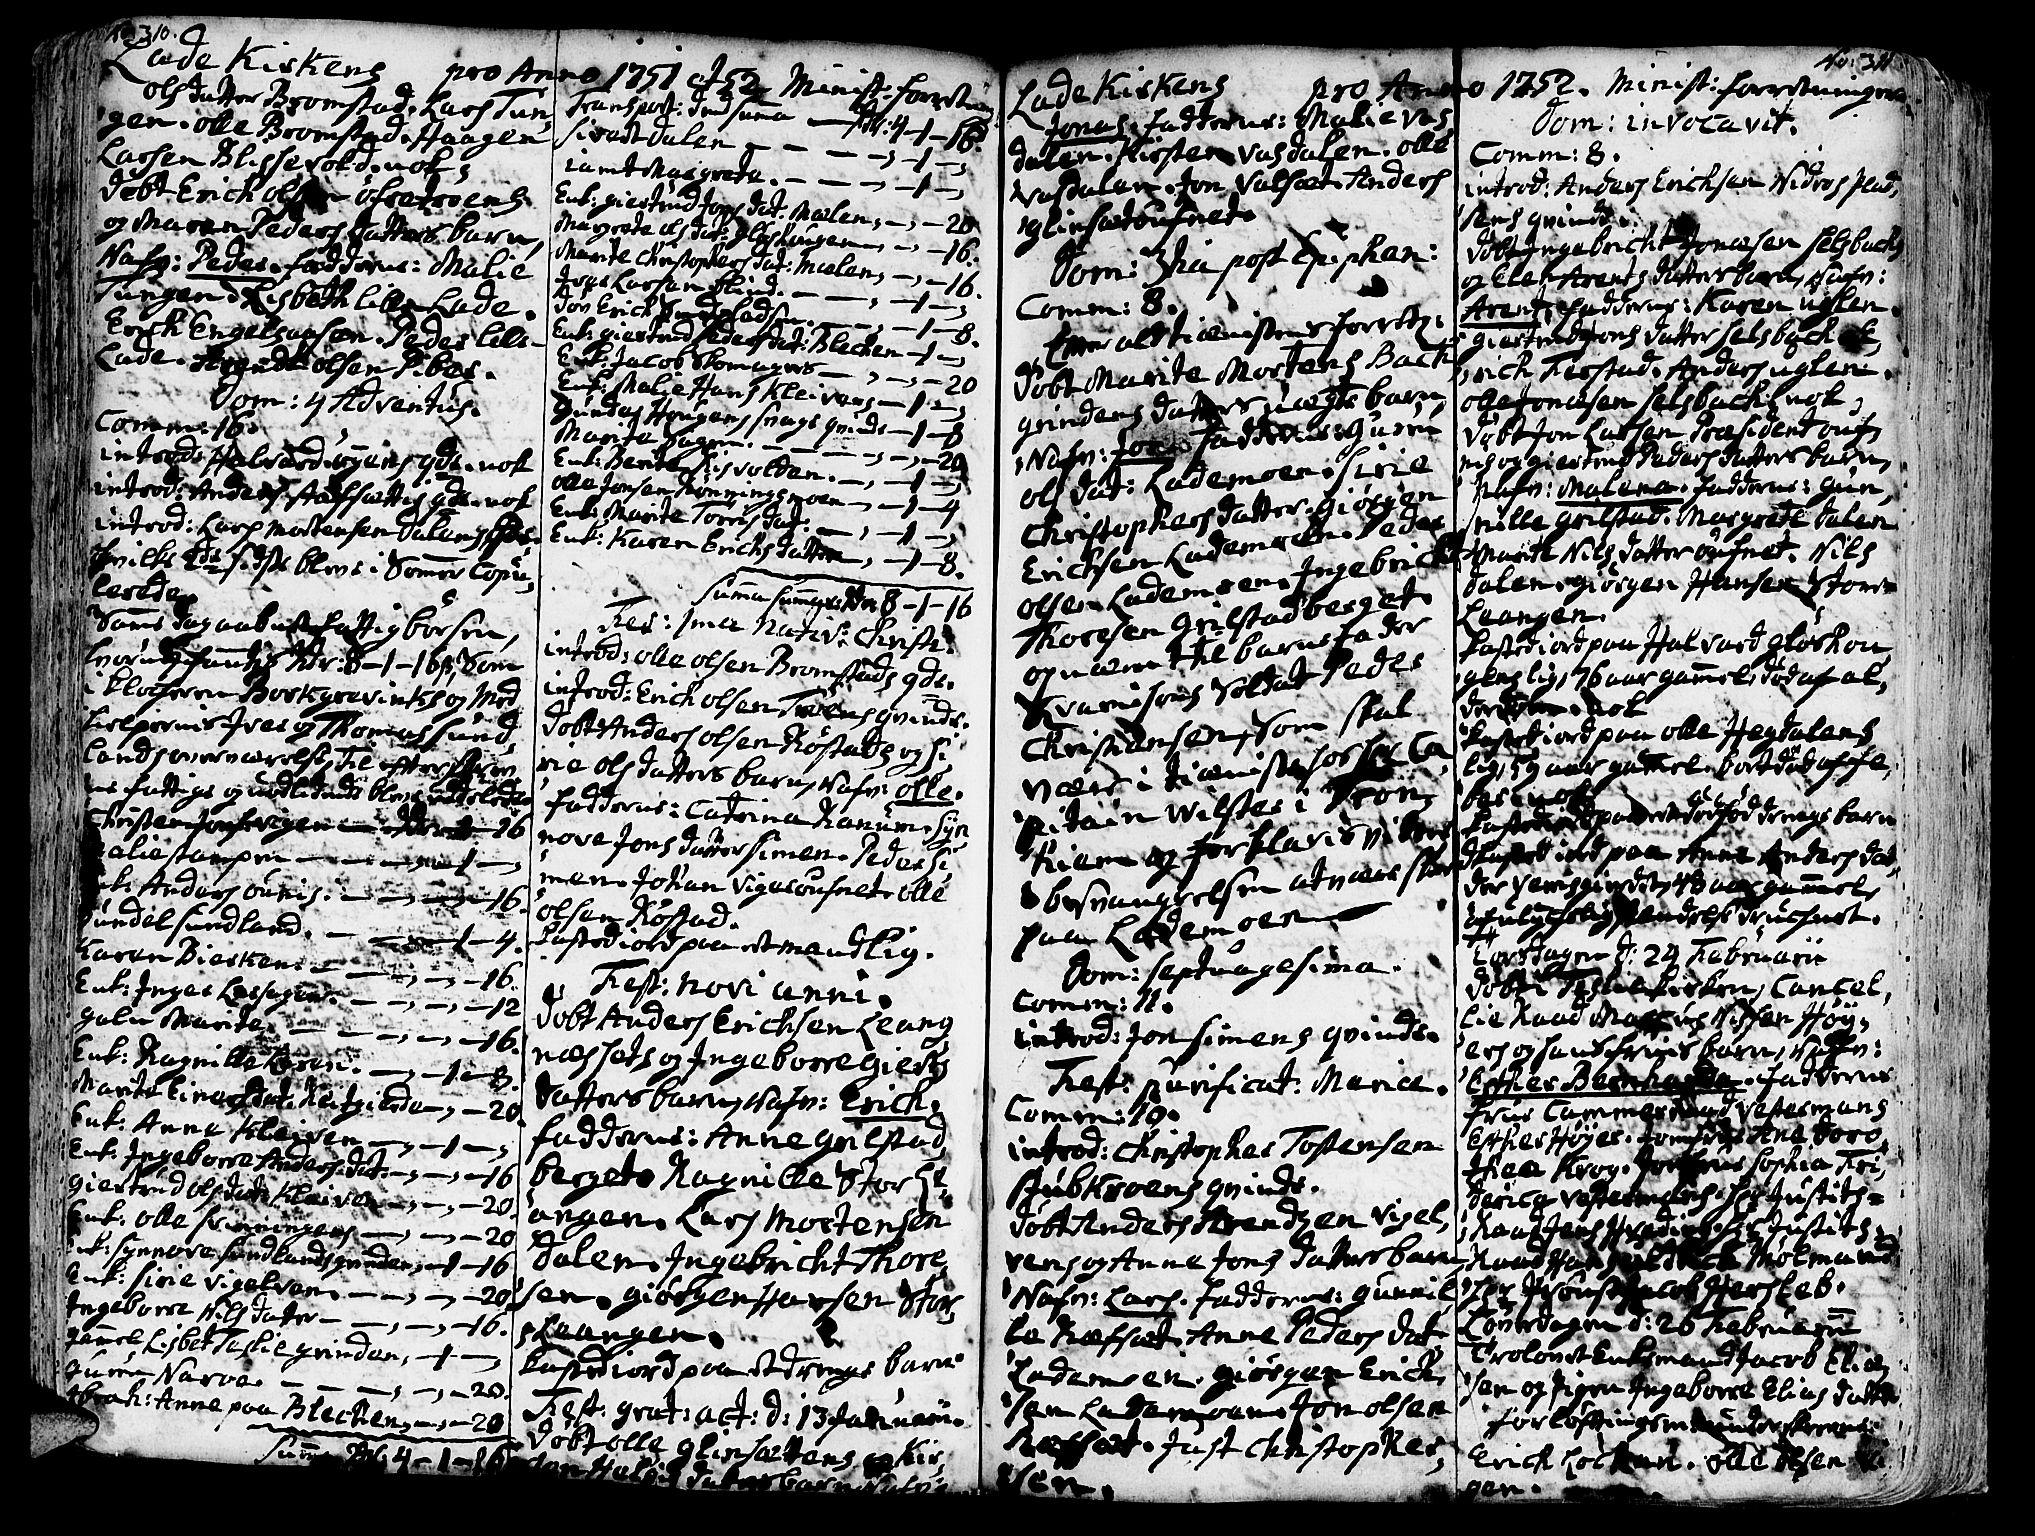 SAT, Ministerialprotokoller, klokkerbøker og fødselsregistre - Sør-Trøndelag, 606/L0275: Ministerialbok nr. 606A01 /1, 1727-1780, s. 310-311